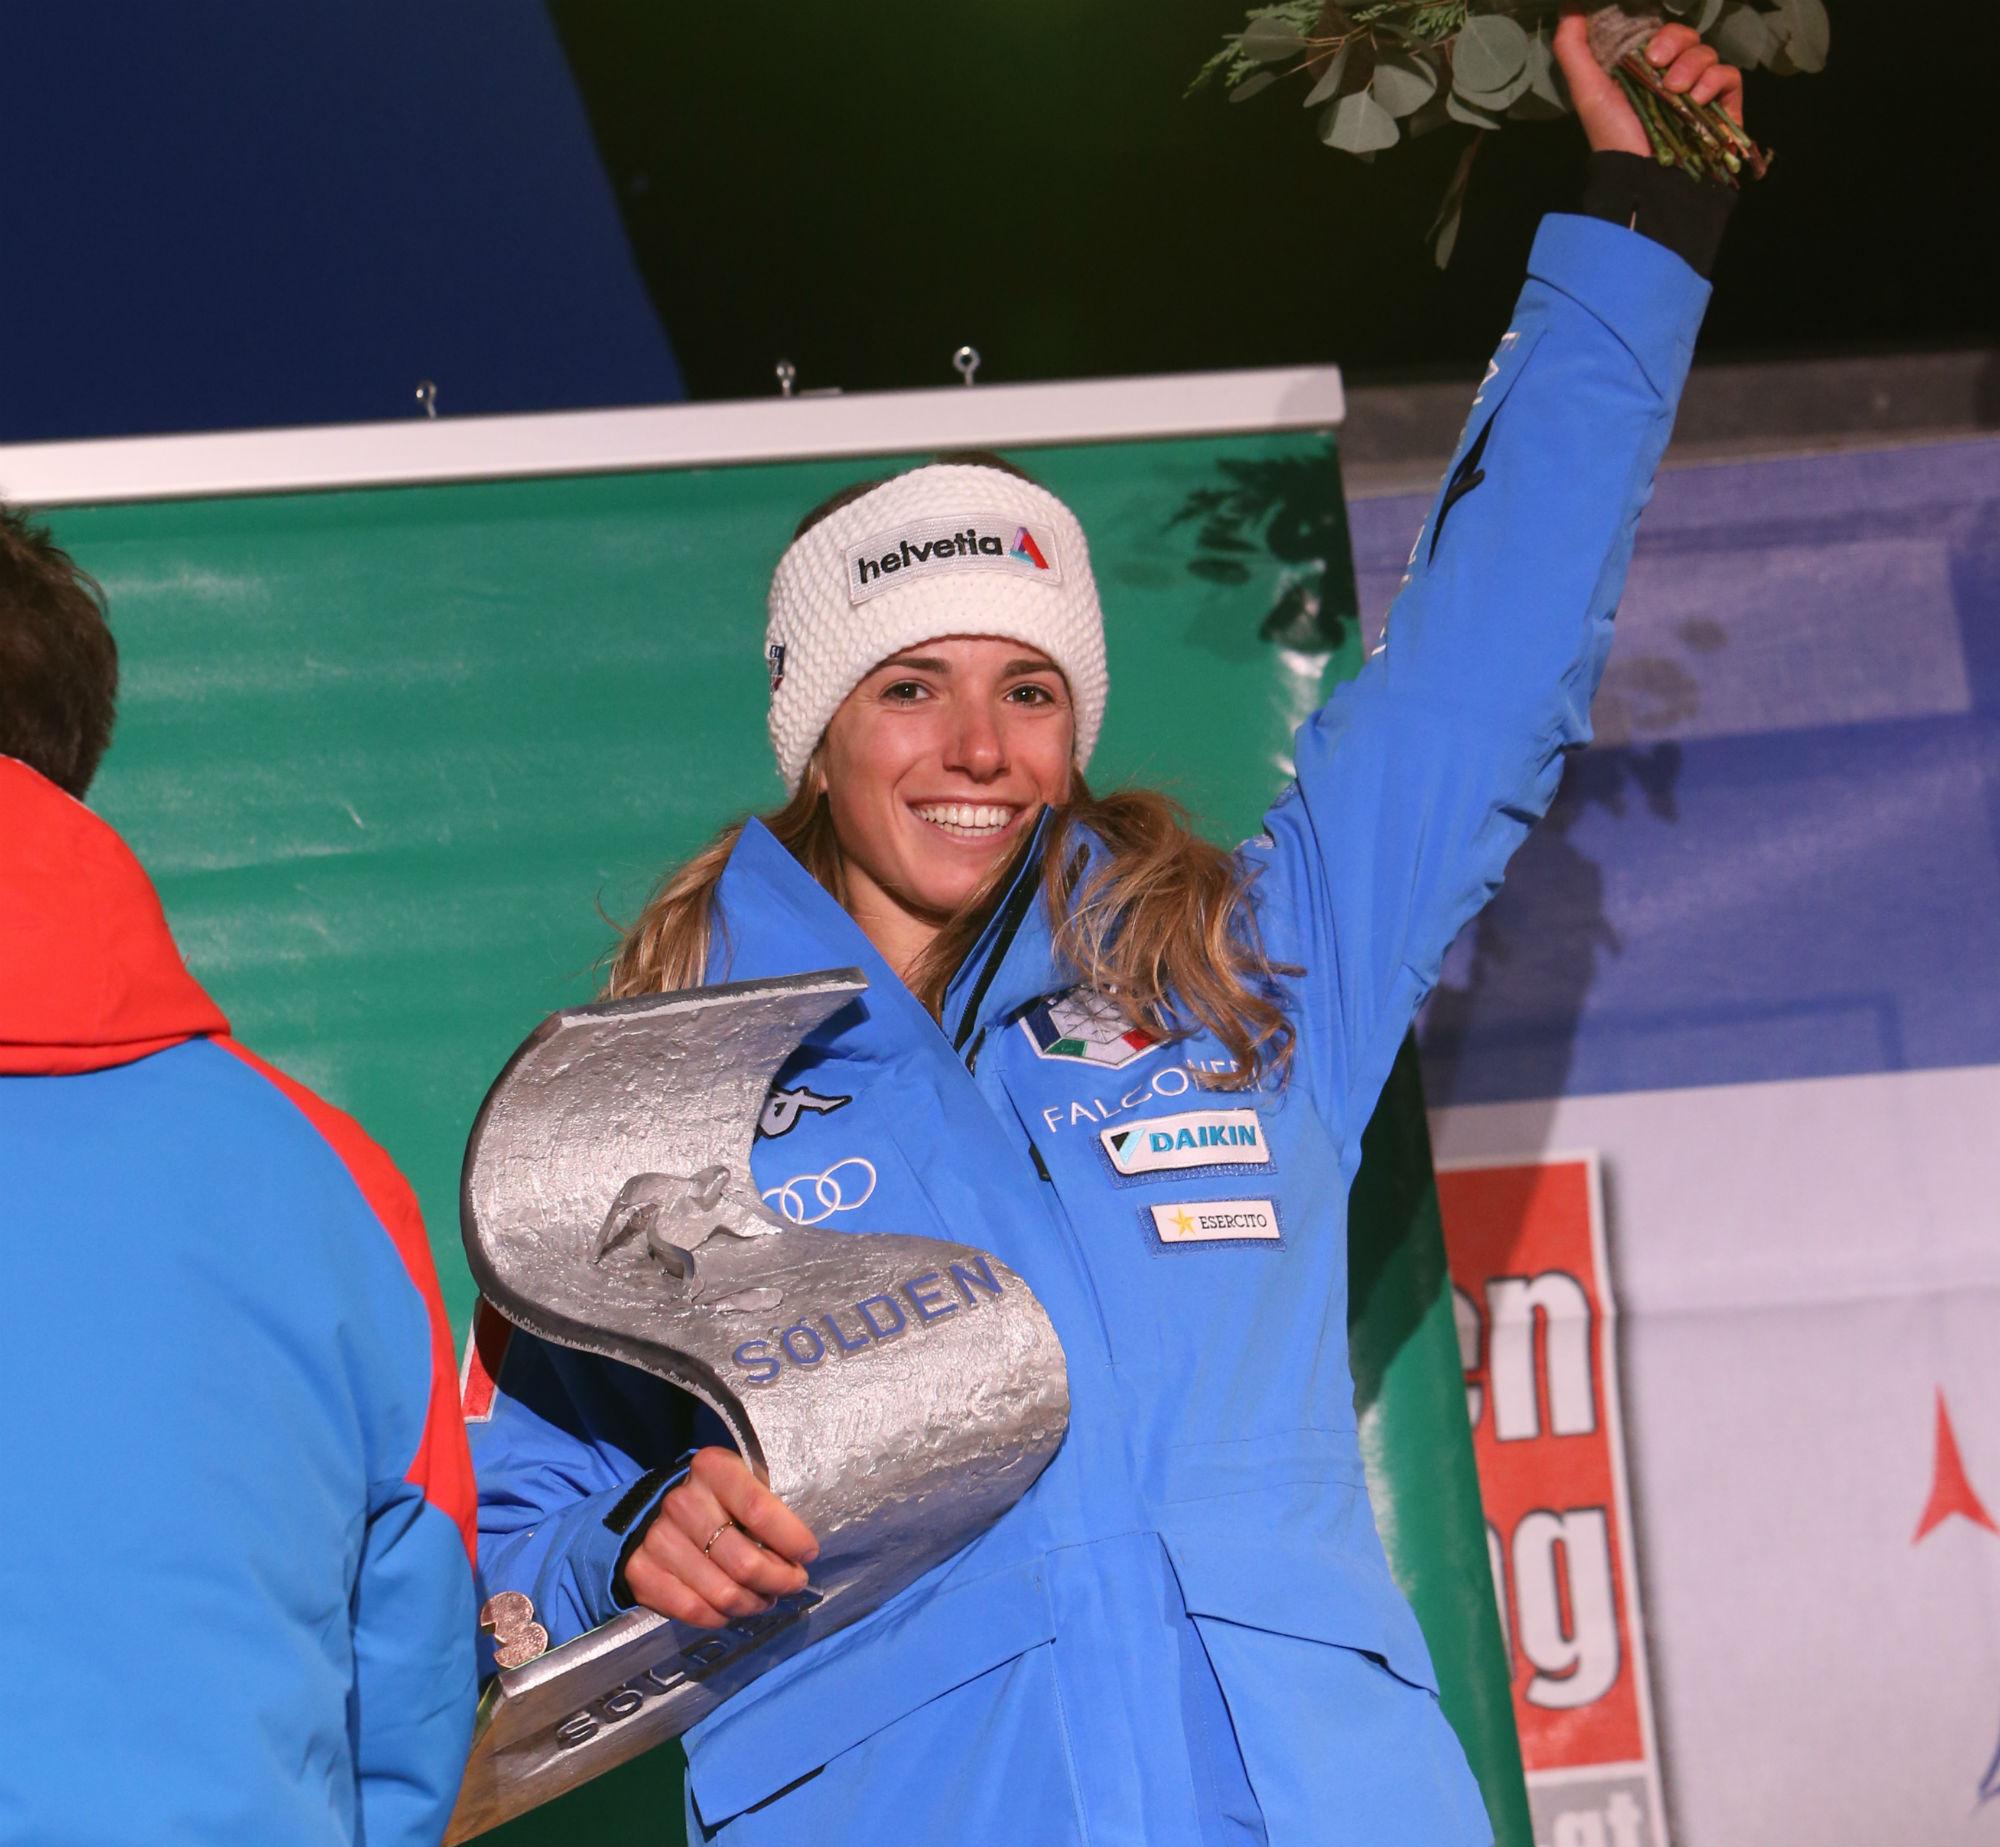 Marta Bassino sul podio a Soelden durante la premiazione serale (@Zoom agence)